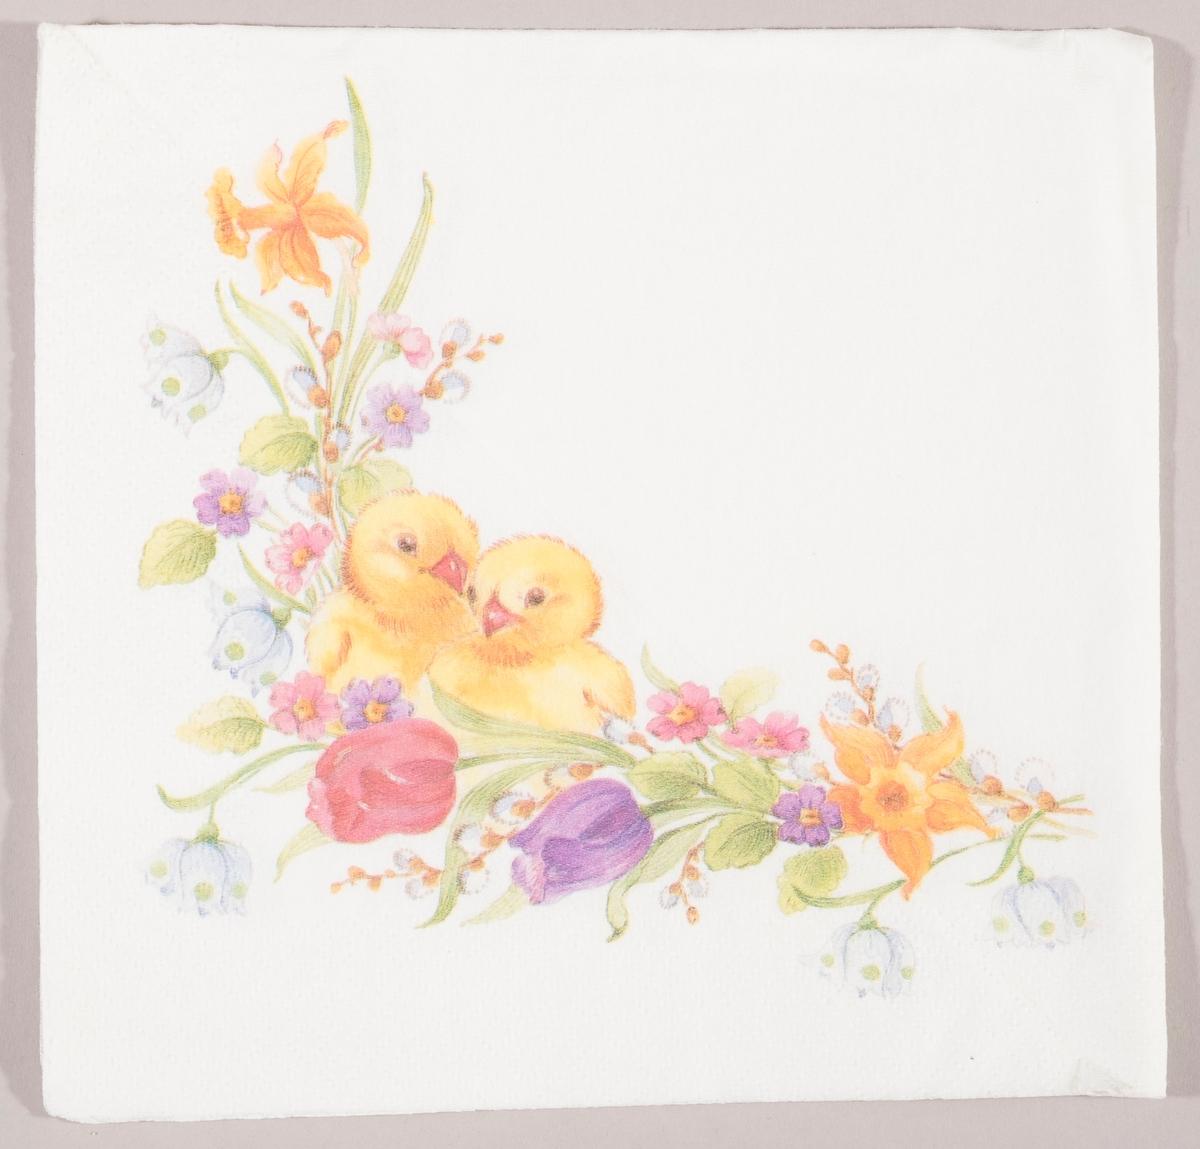 To kyllinger i en bukett med tulipaner, påskeliljer, snøklokker og andre vårblomster.